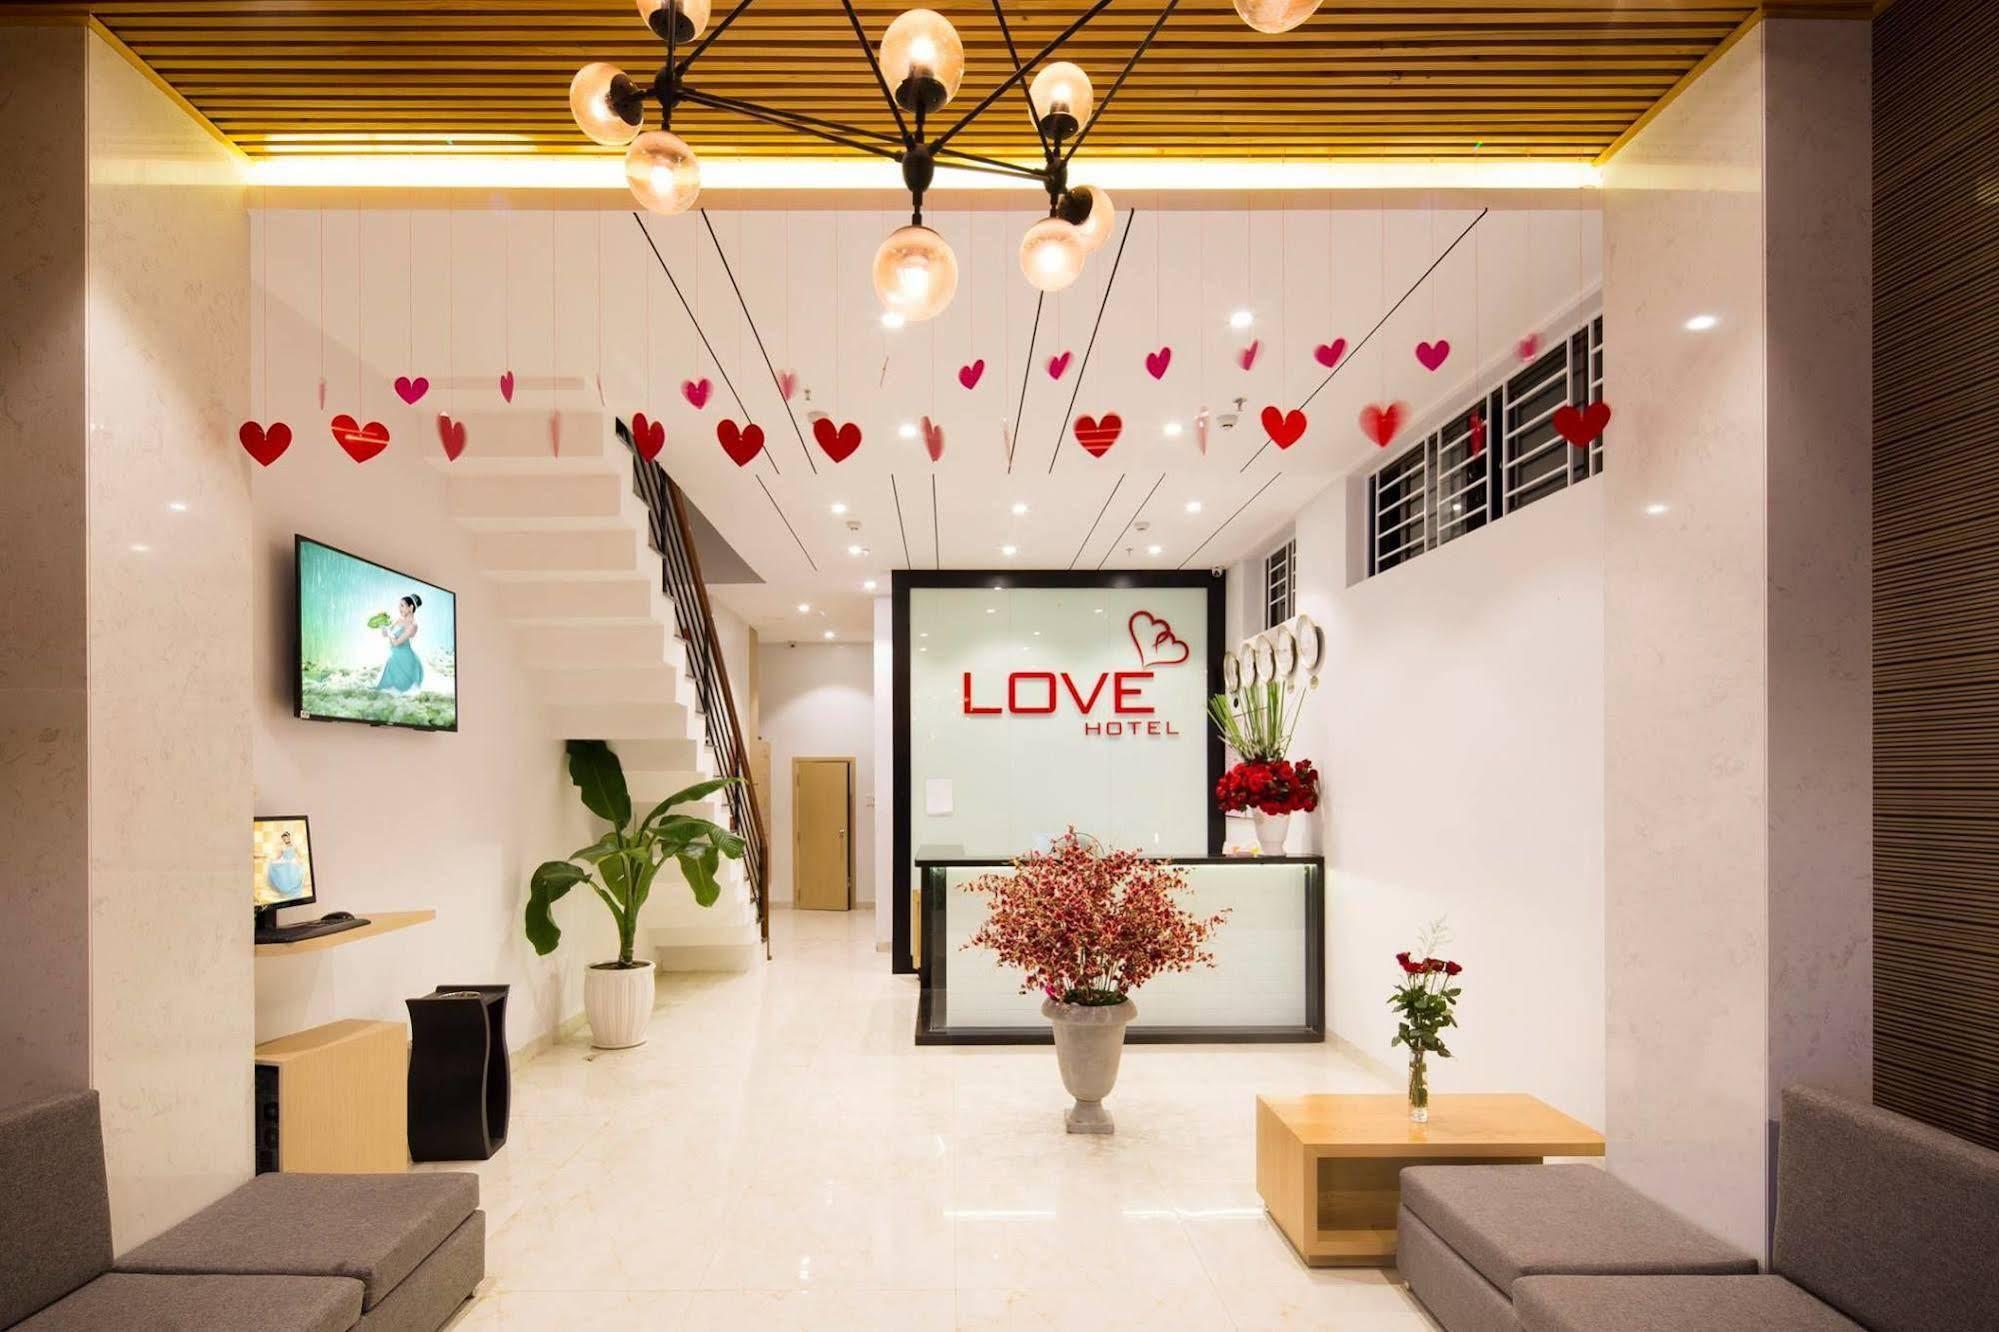 Love Nha Trang Hotel